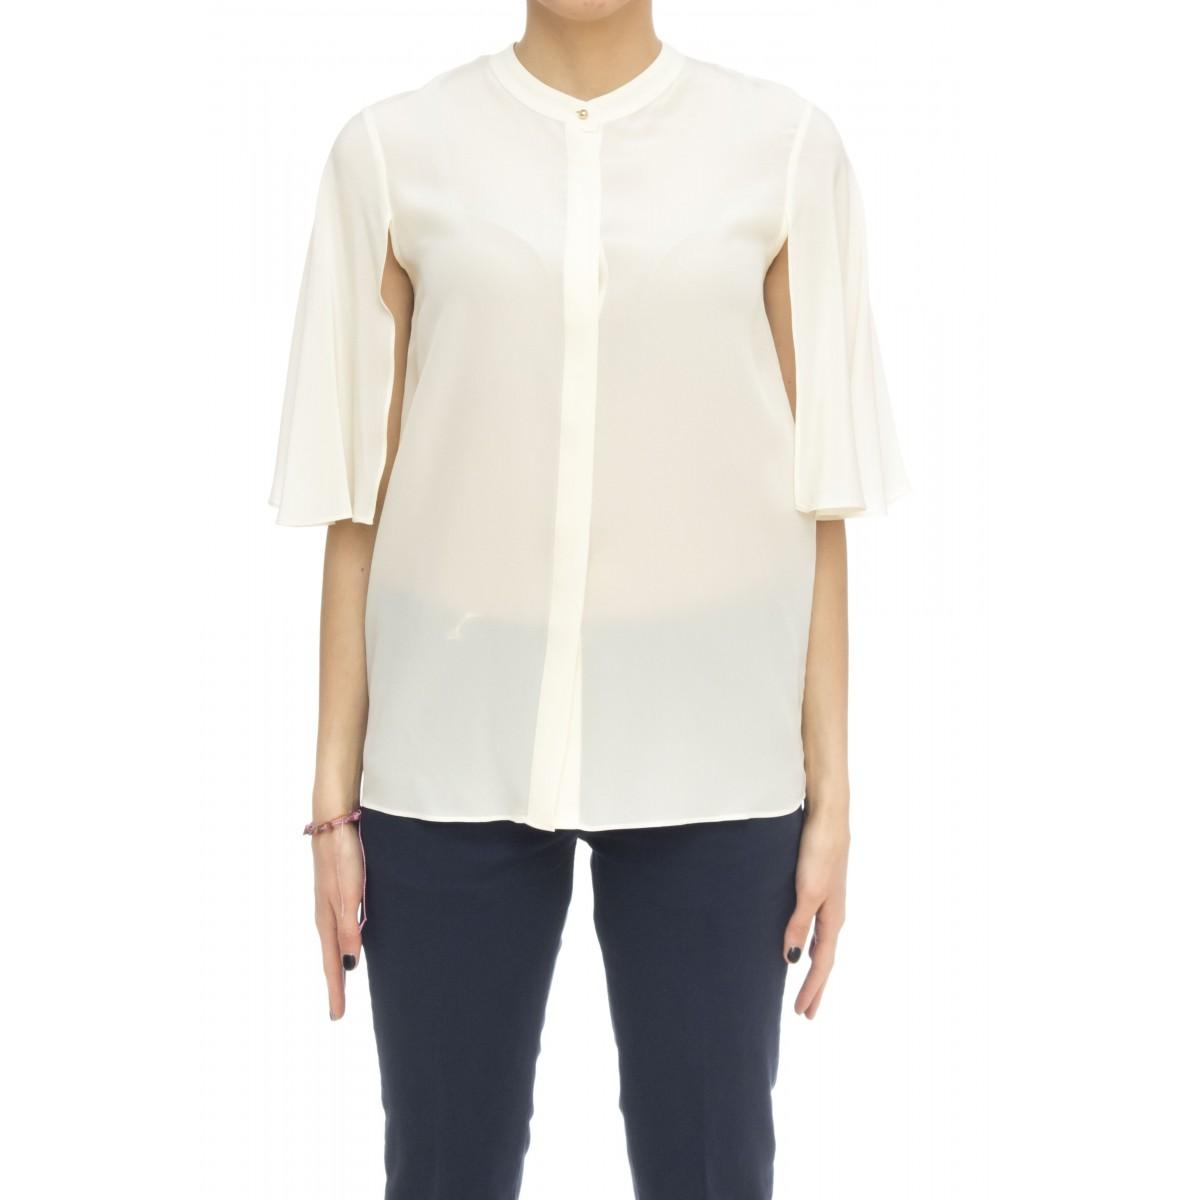 Camicia donna - 2144 camicia seta